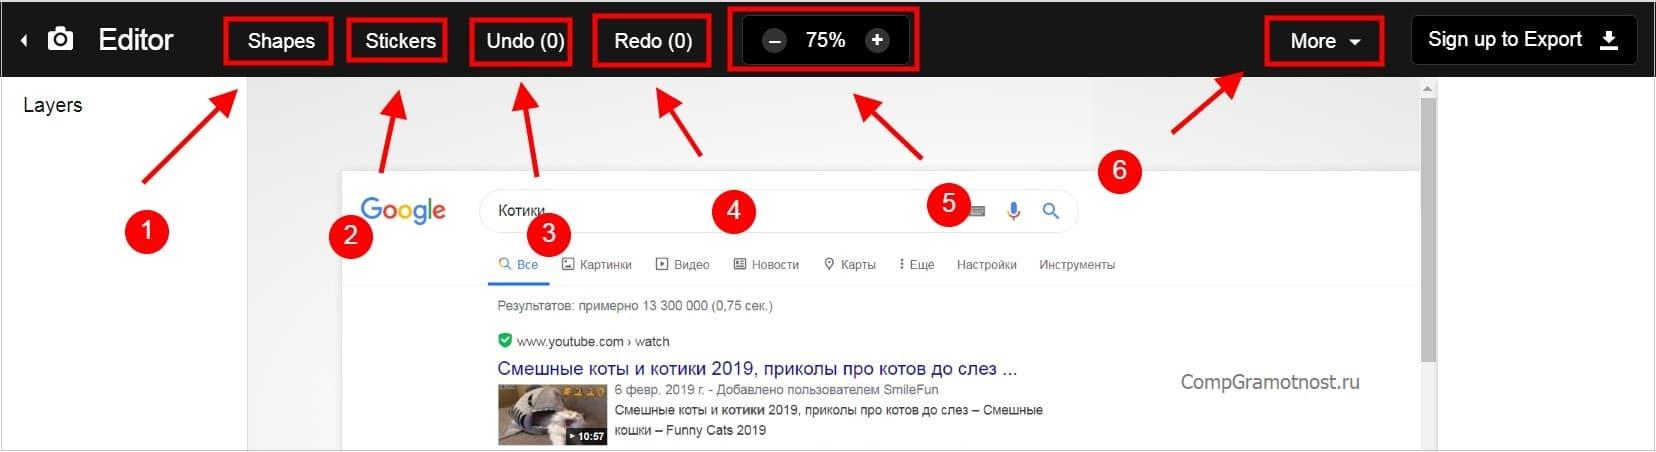 Панель инструментов для редактирования скриншота